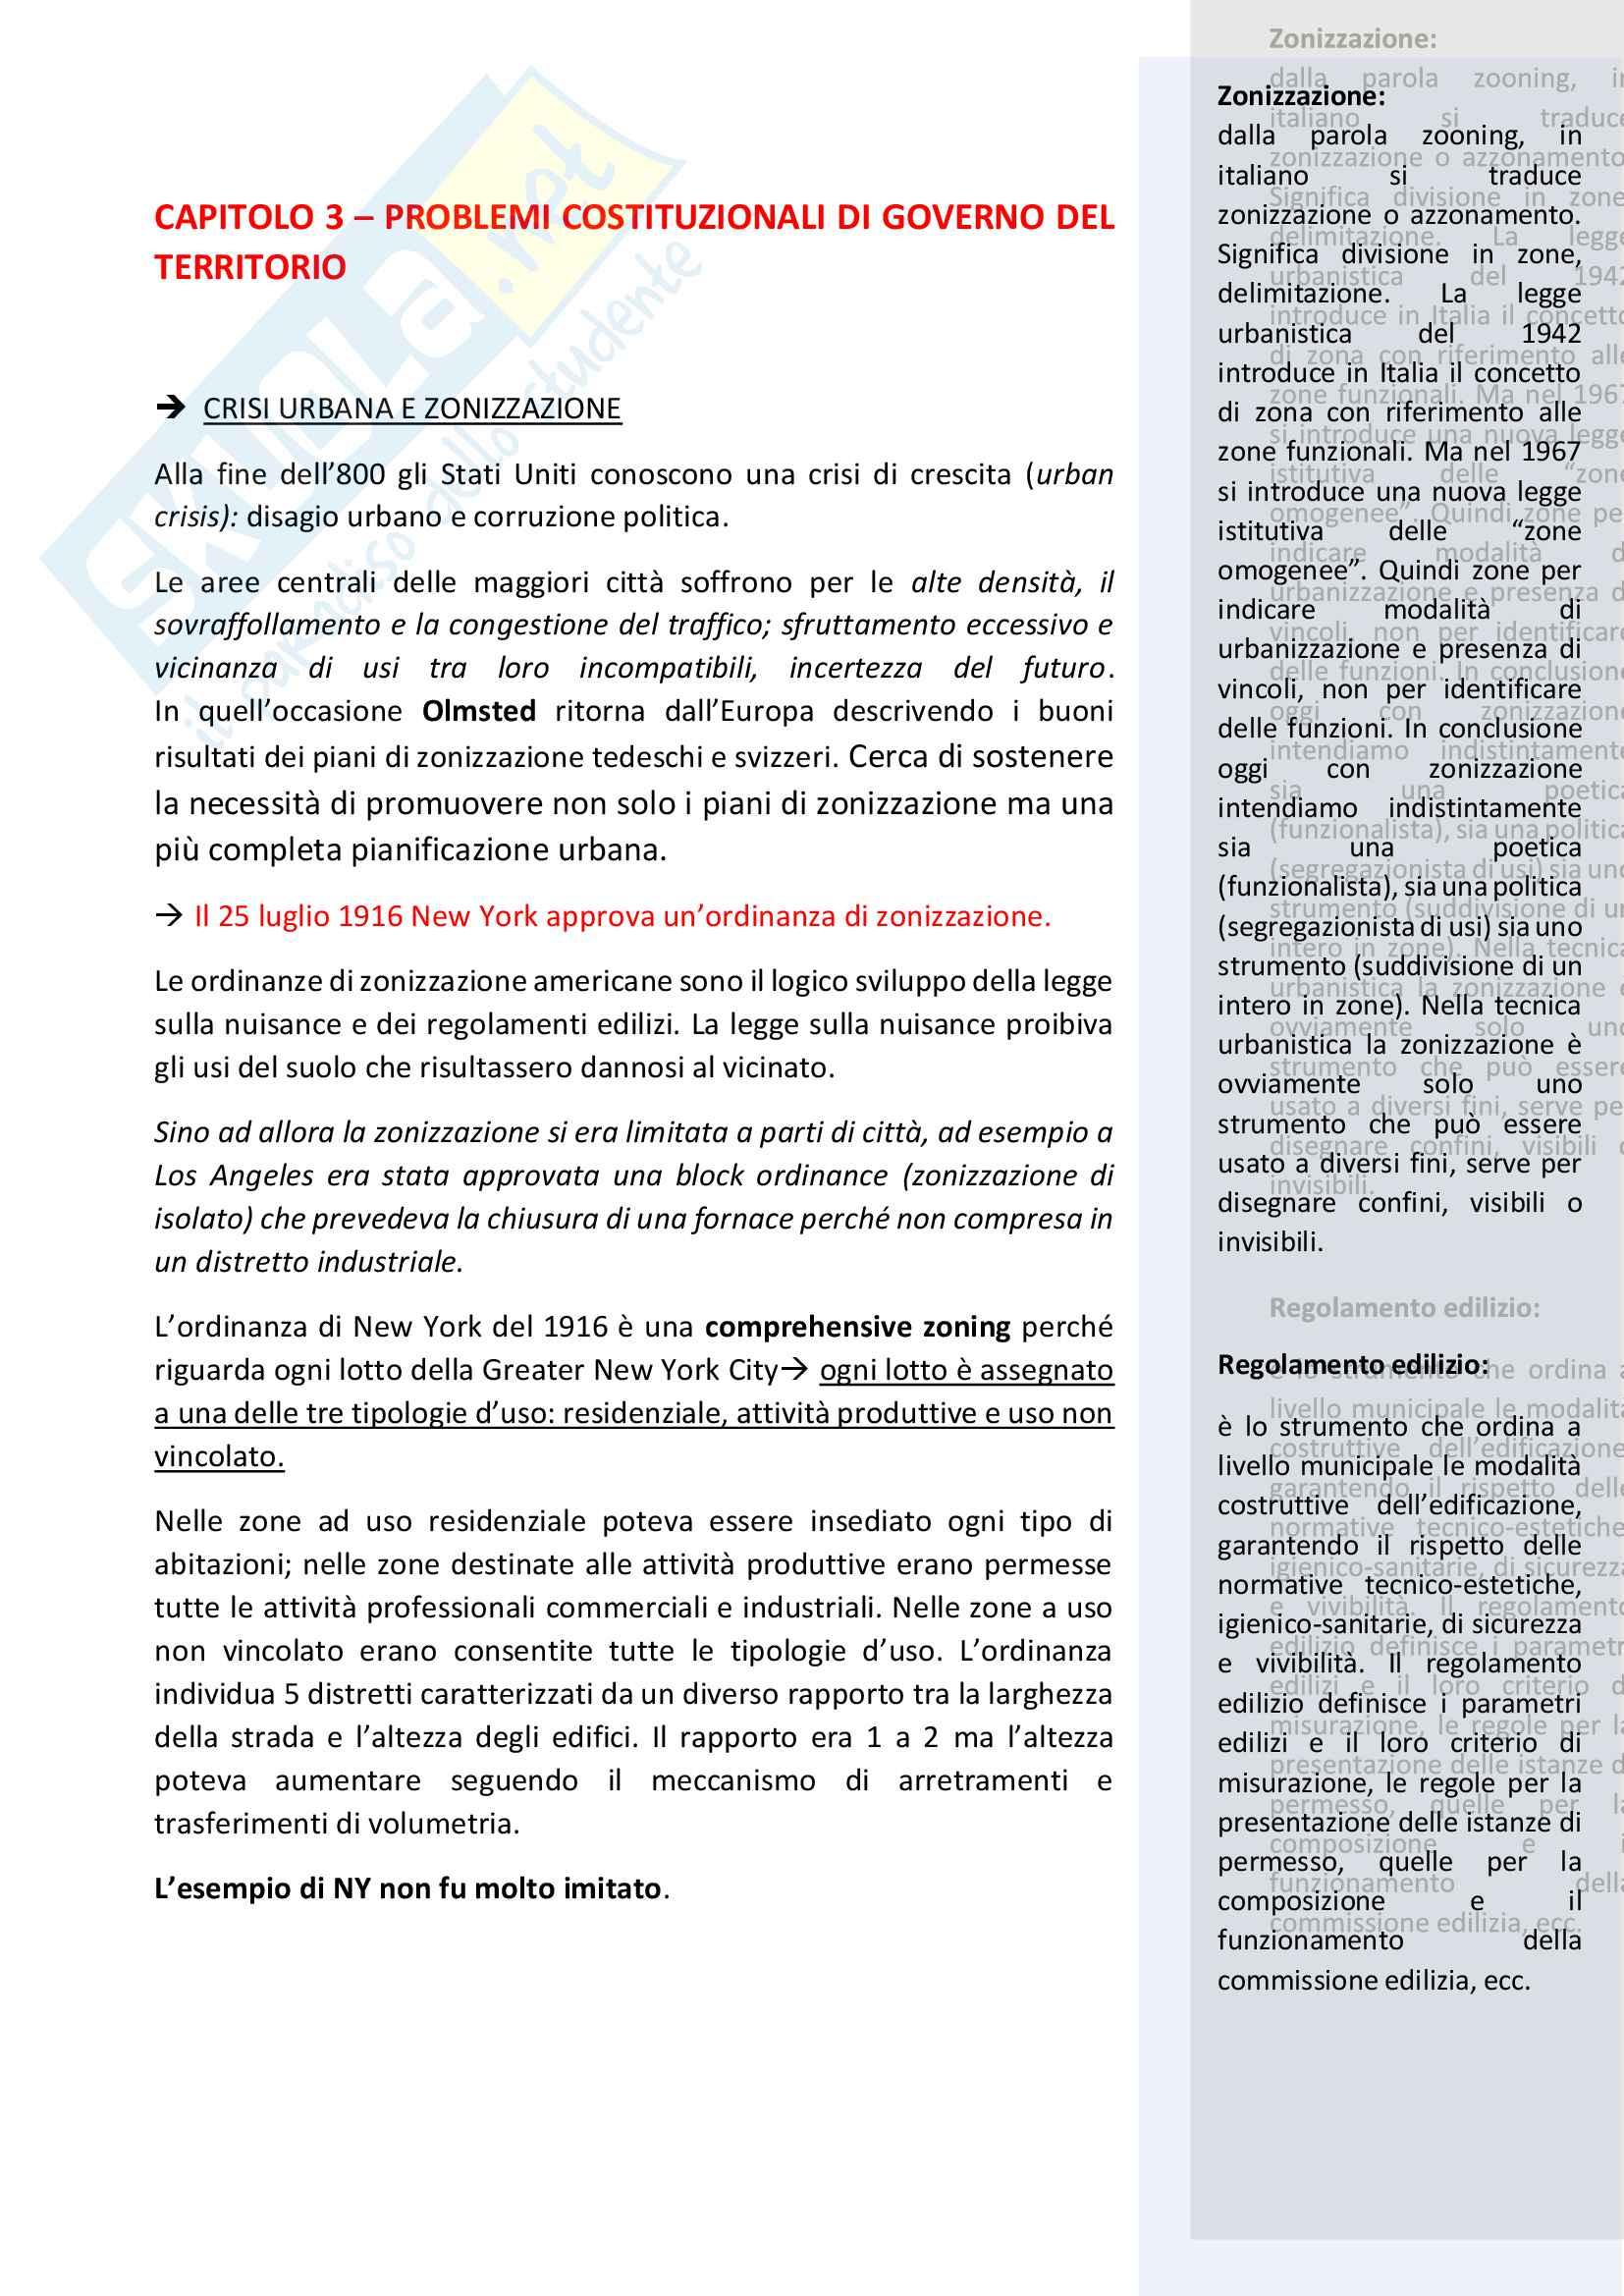 Schemi riassunto appunti Gaeta - pianificazione e governo del territorio